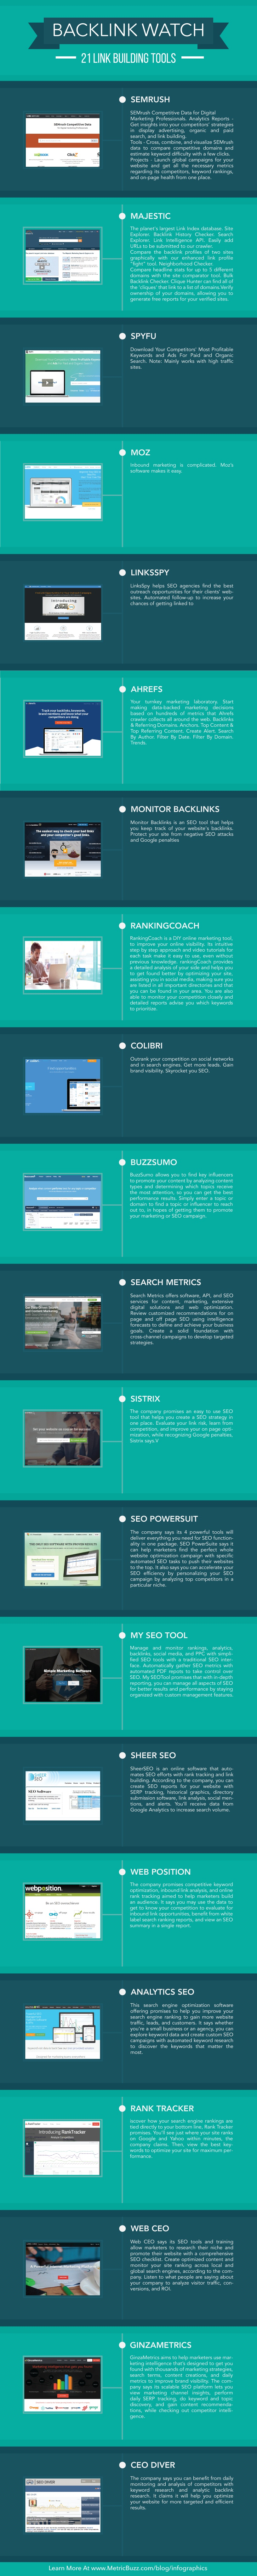 Backlink Watch Link Building Strategies Tool